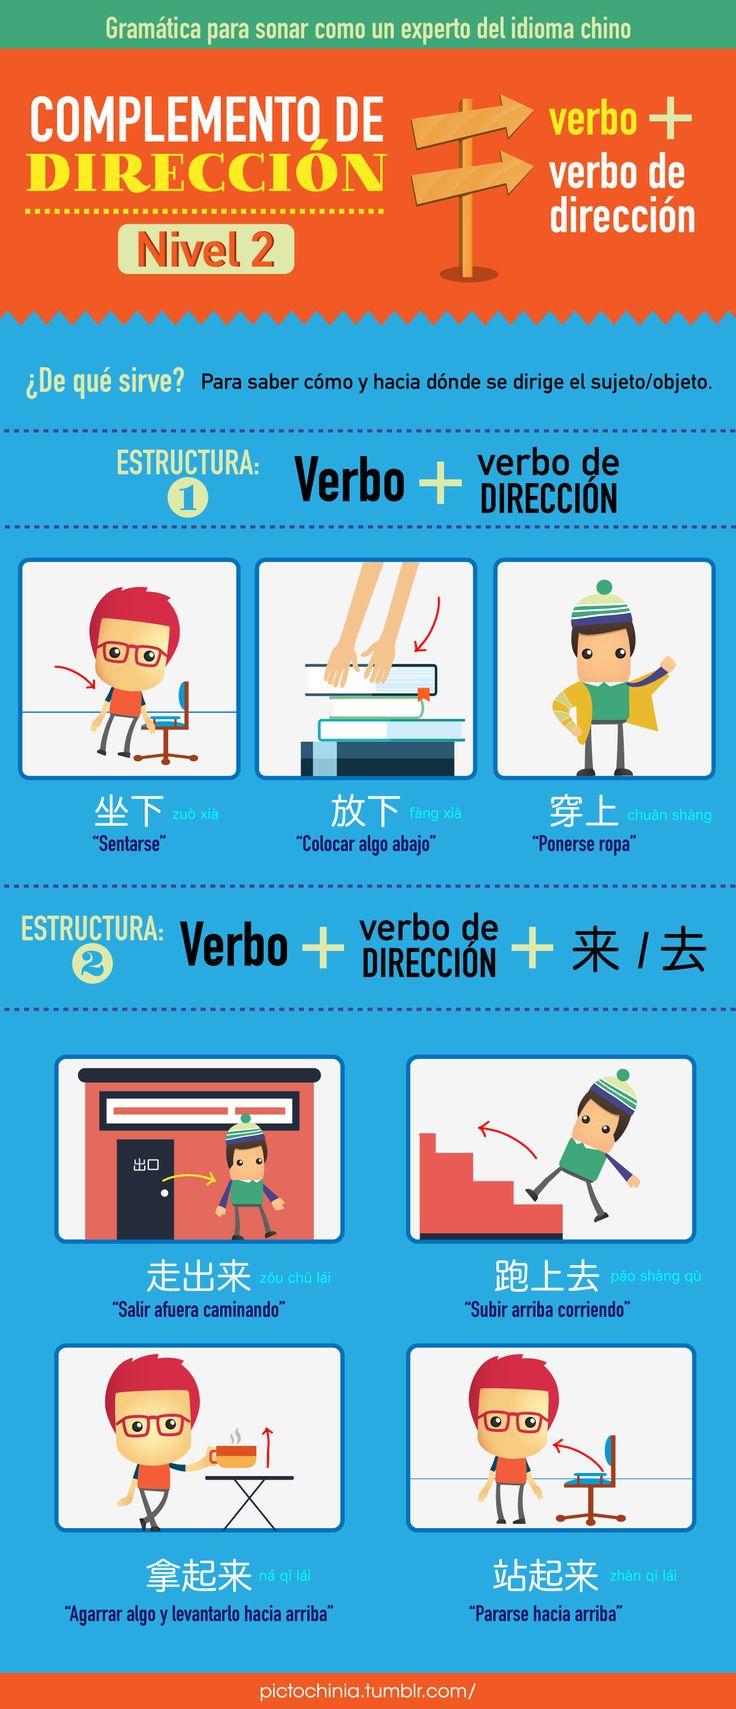 Carla Hernández vuelve una vez más con sus infografías que nos enseñan como aprender algo más de la gramática china, hoy la segunda parte del complemento de dirección